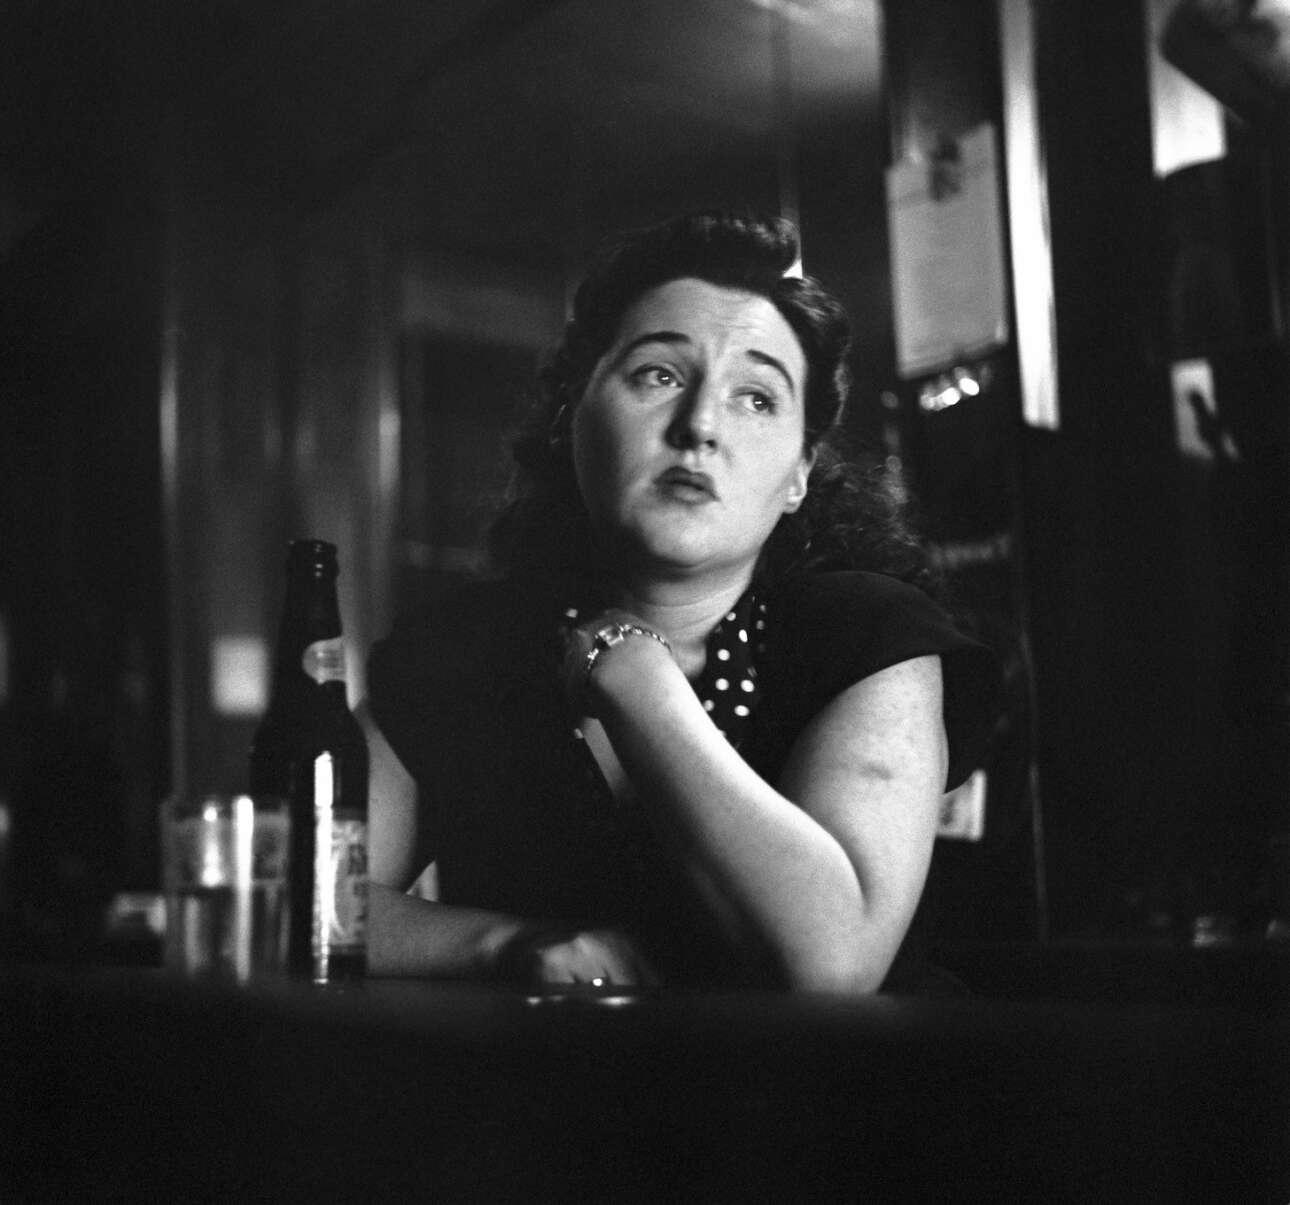 Μία ακόμη μπαργούμαν -στη Νέα Υόρκη του 1950 αυτή τη φορά- κάνει απεργία καθώς οι άνδρες δεν επέτρεπαν την είσοδο γυναικών σε μπαρ